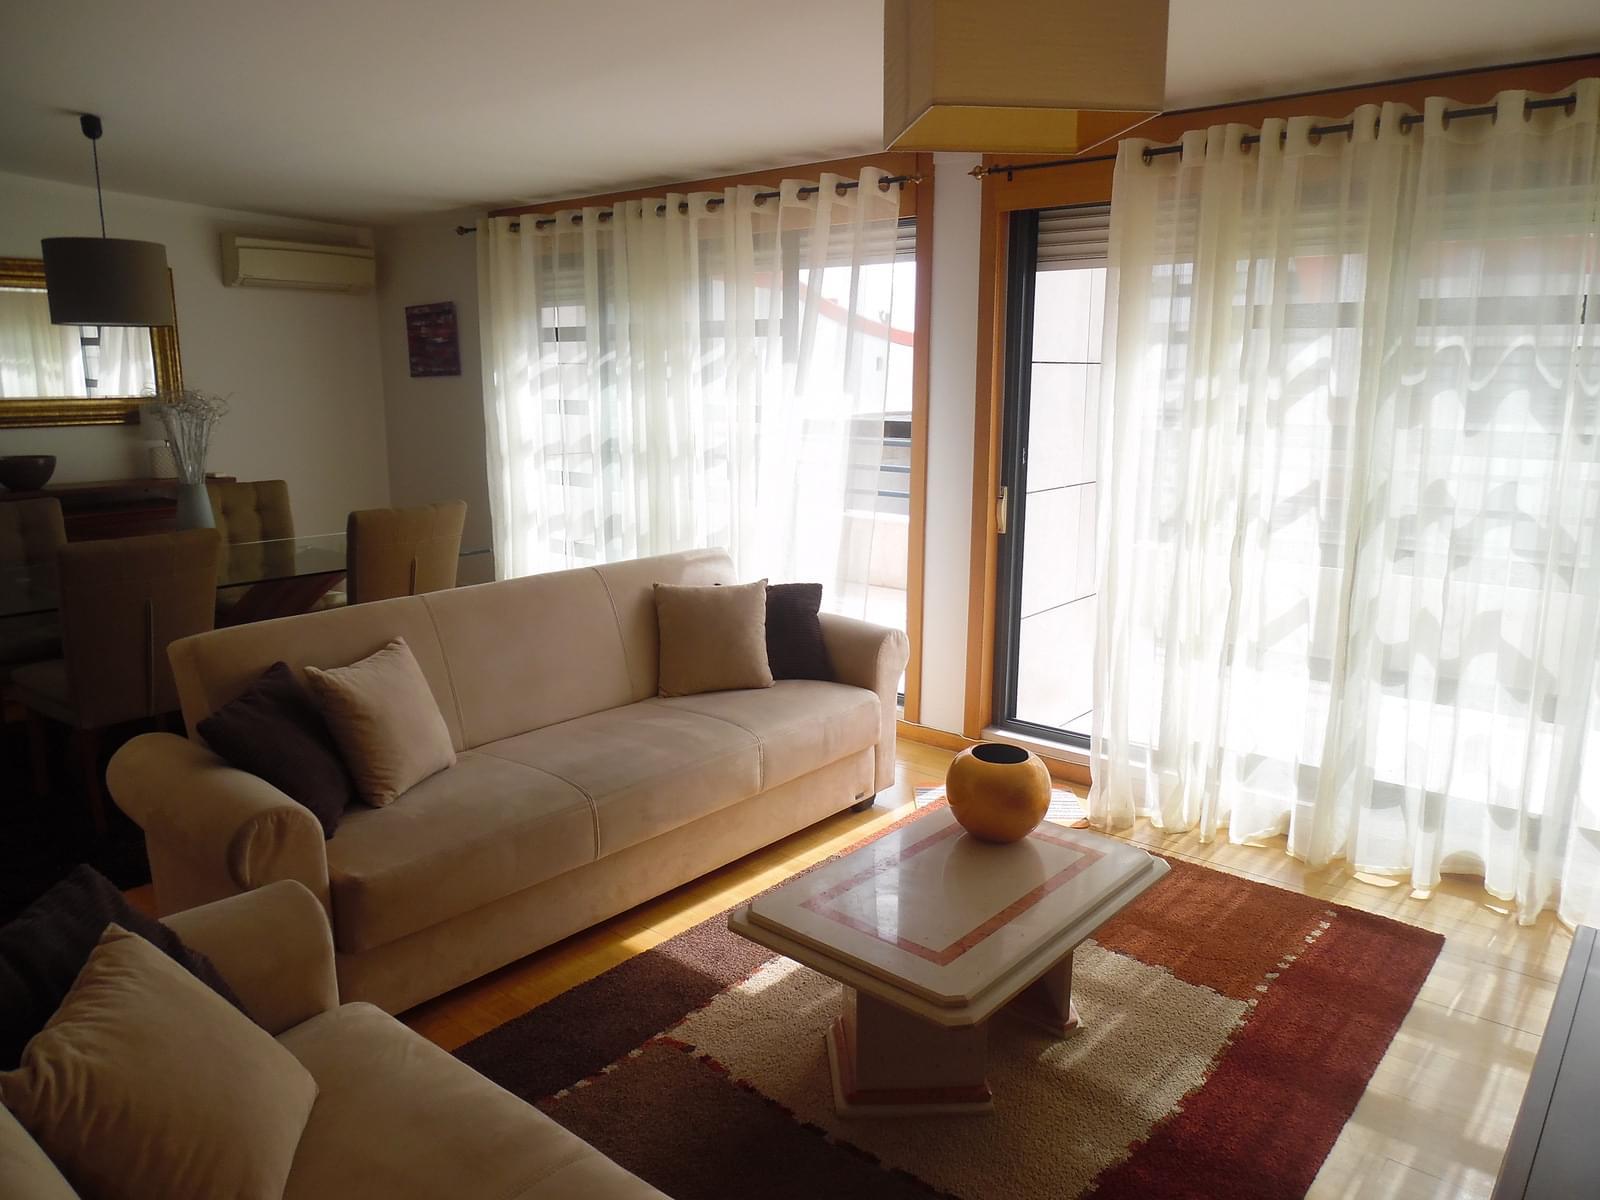 pf18329-apartamento-t1-lisboa-bc3c798d-5a1a-4ed6-8074-8f1e755f006a